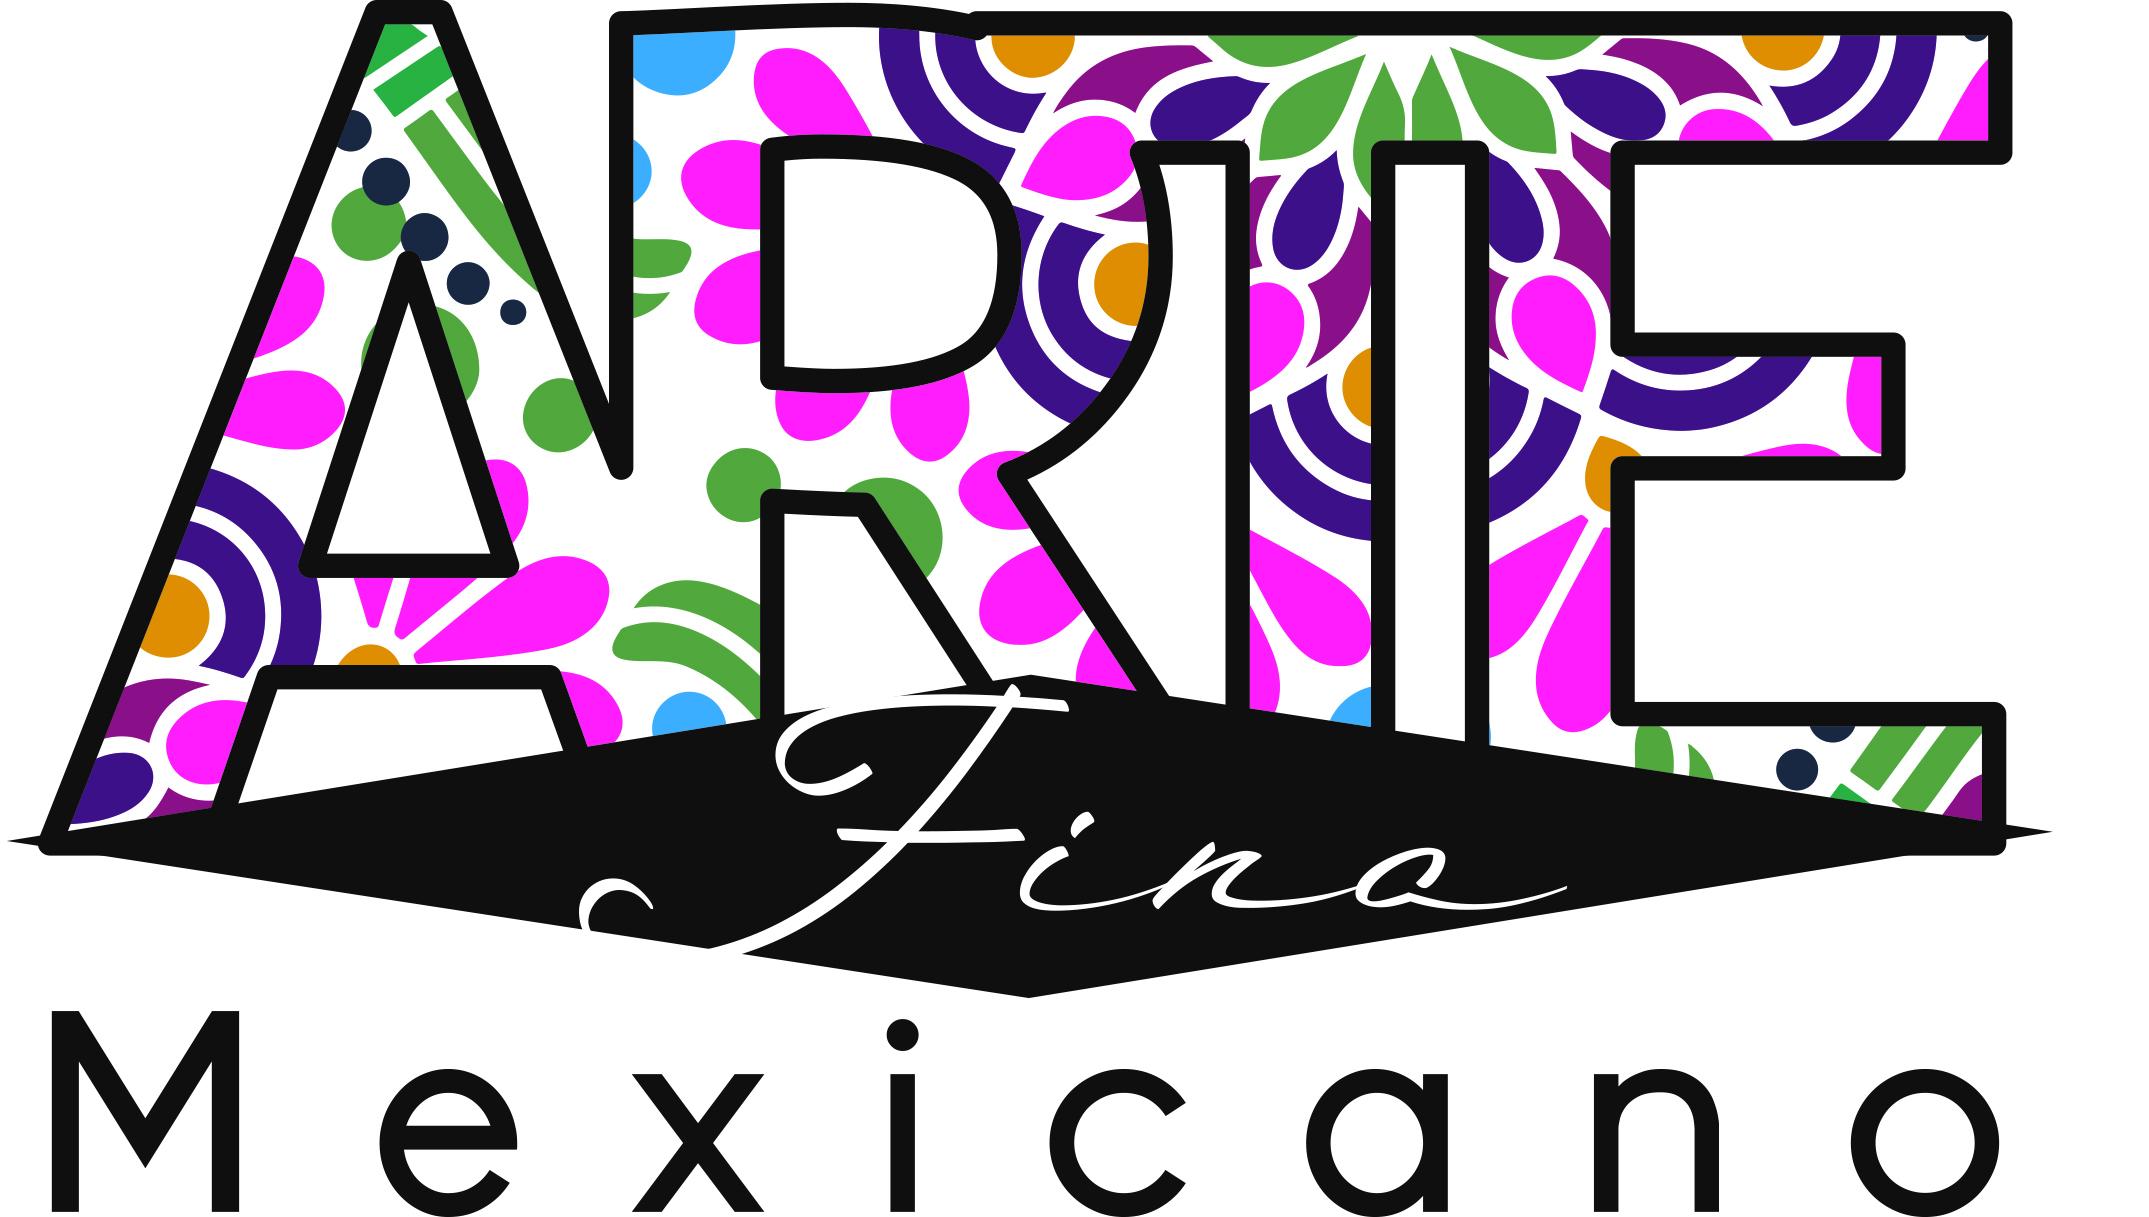 Arte Méxicano logotipo